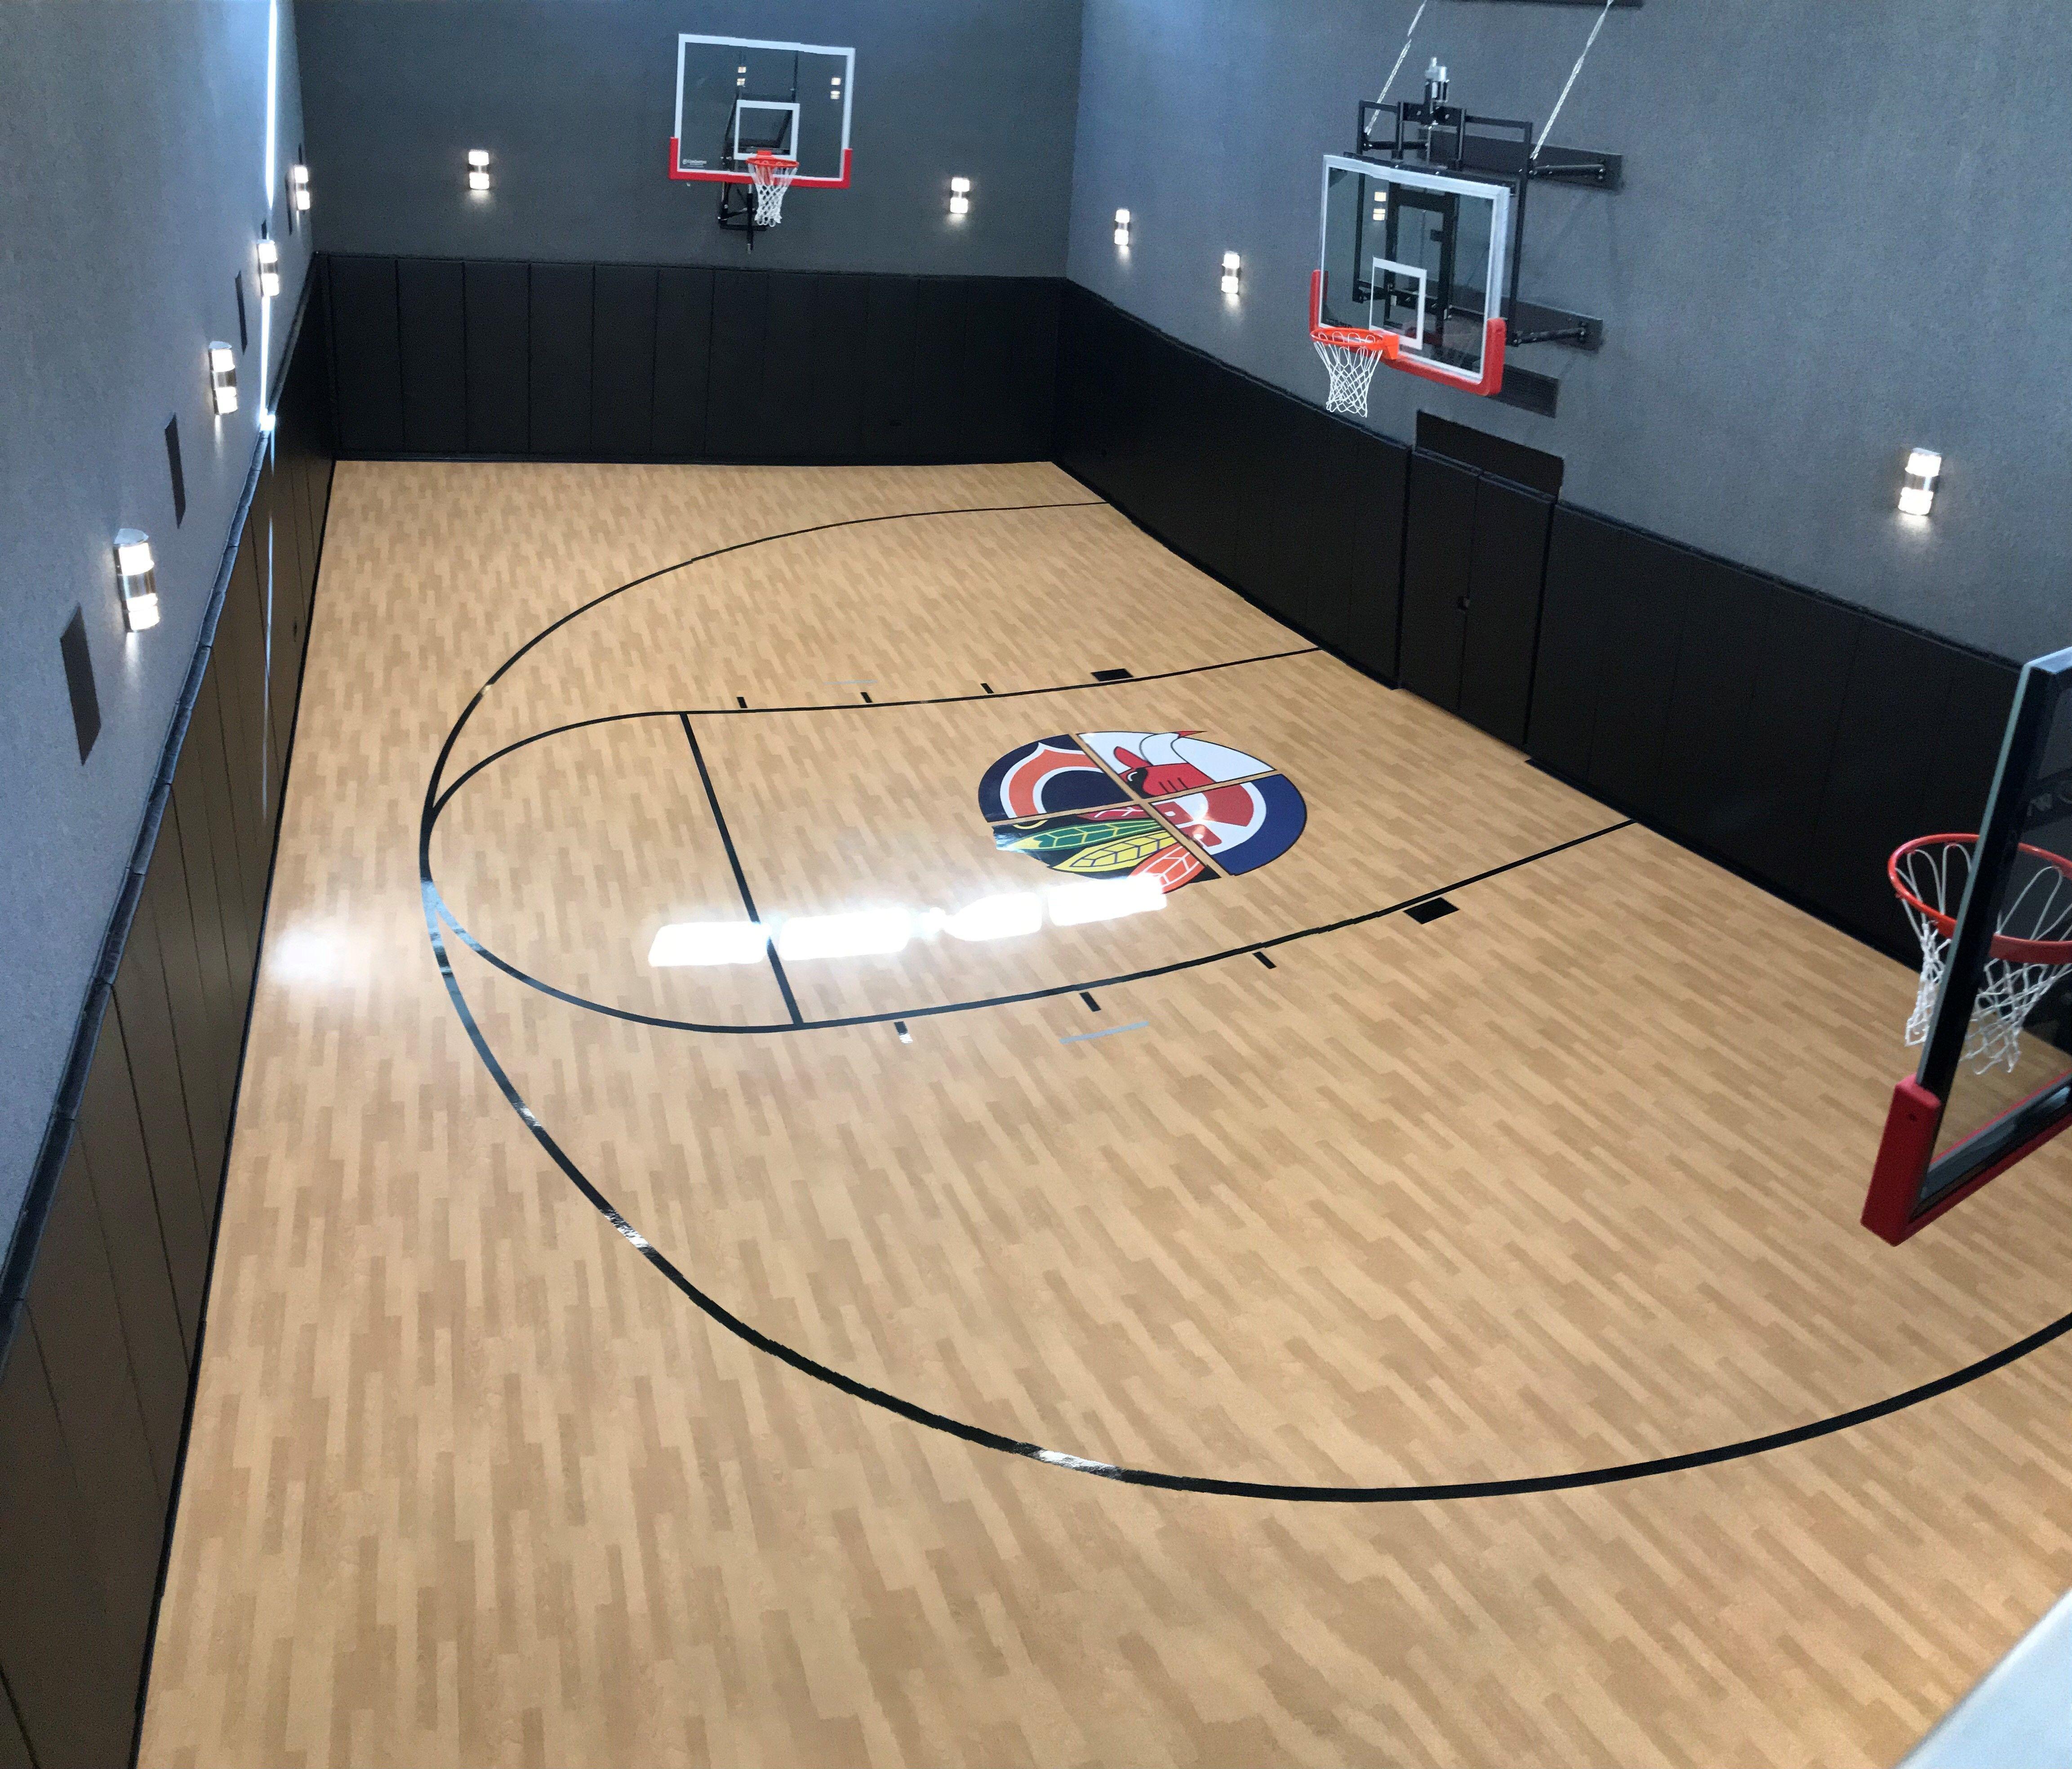 Chicago Logos Indoor Home Gym Indoor Basketball Court Barn Floor Plans Home Basketball Court Basketball Room Indoor Basketball Court